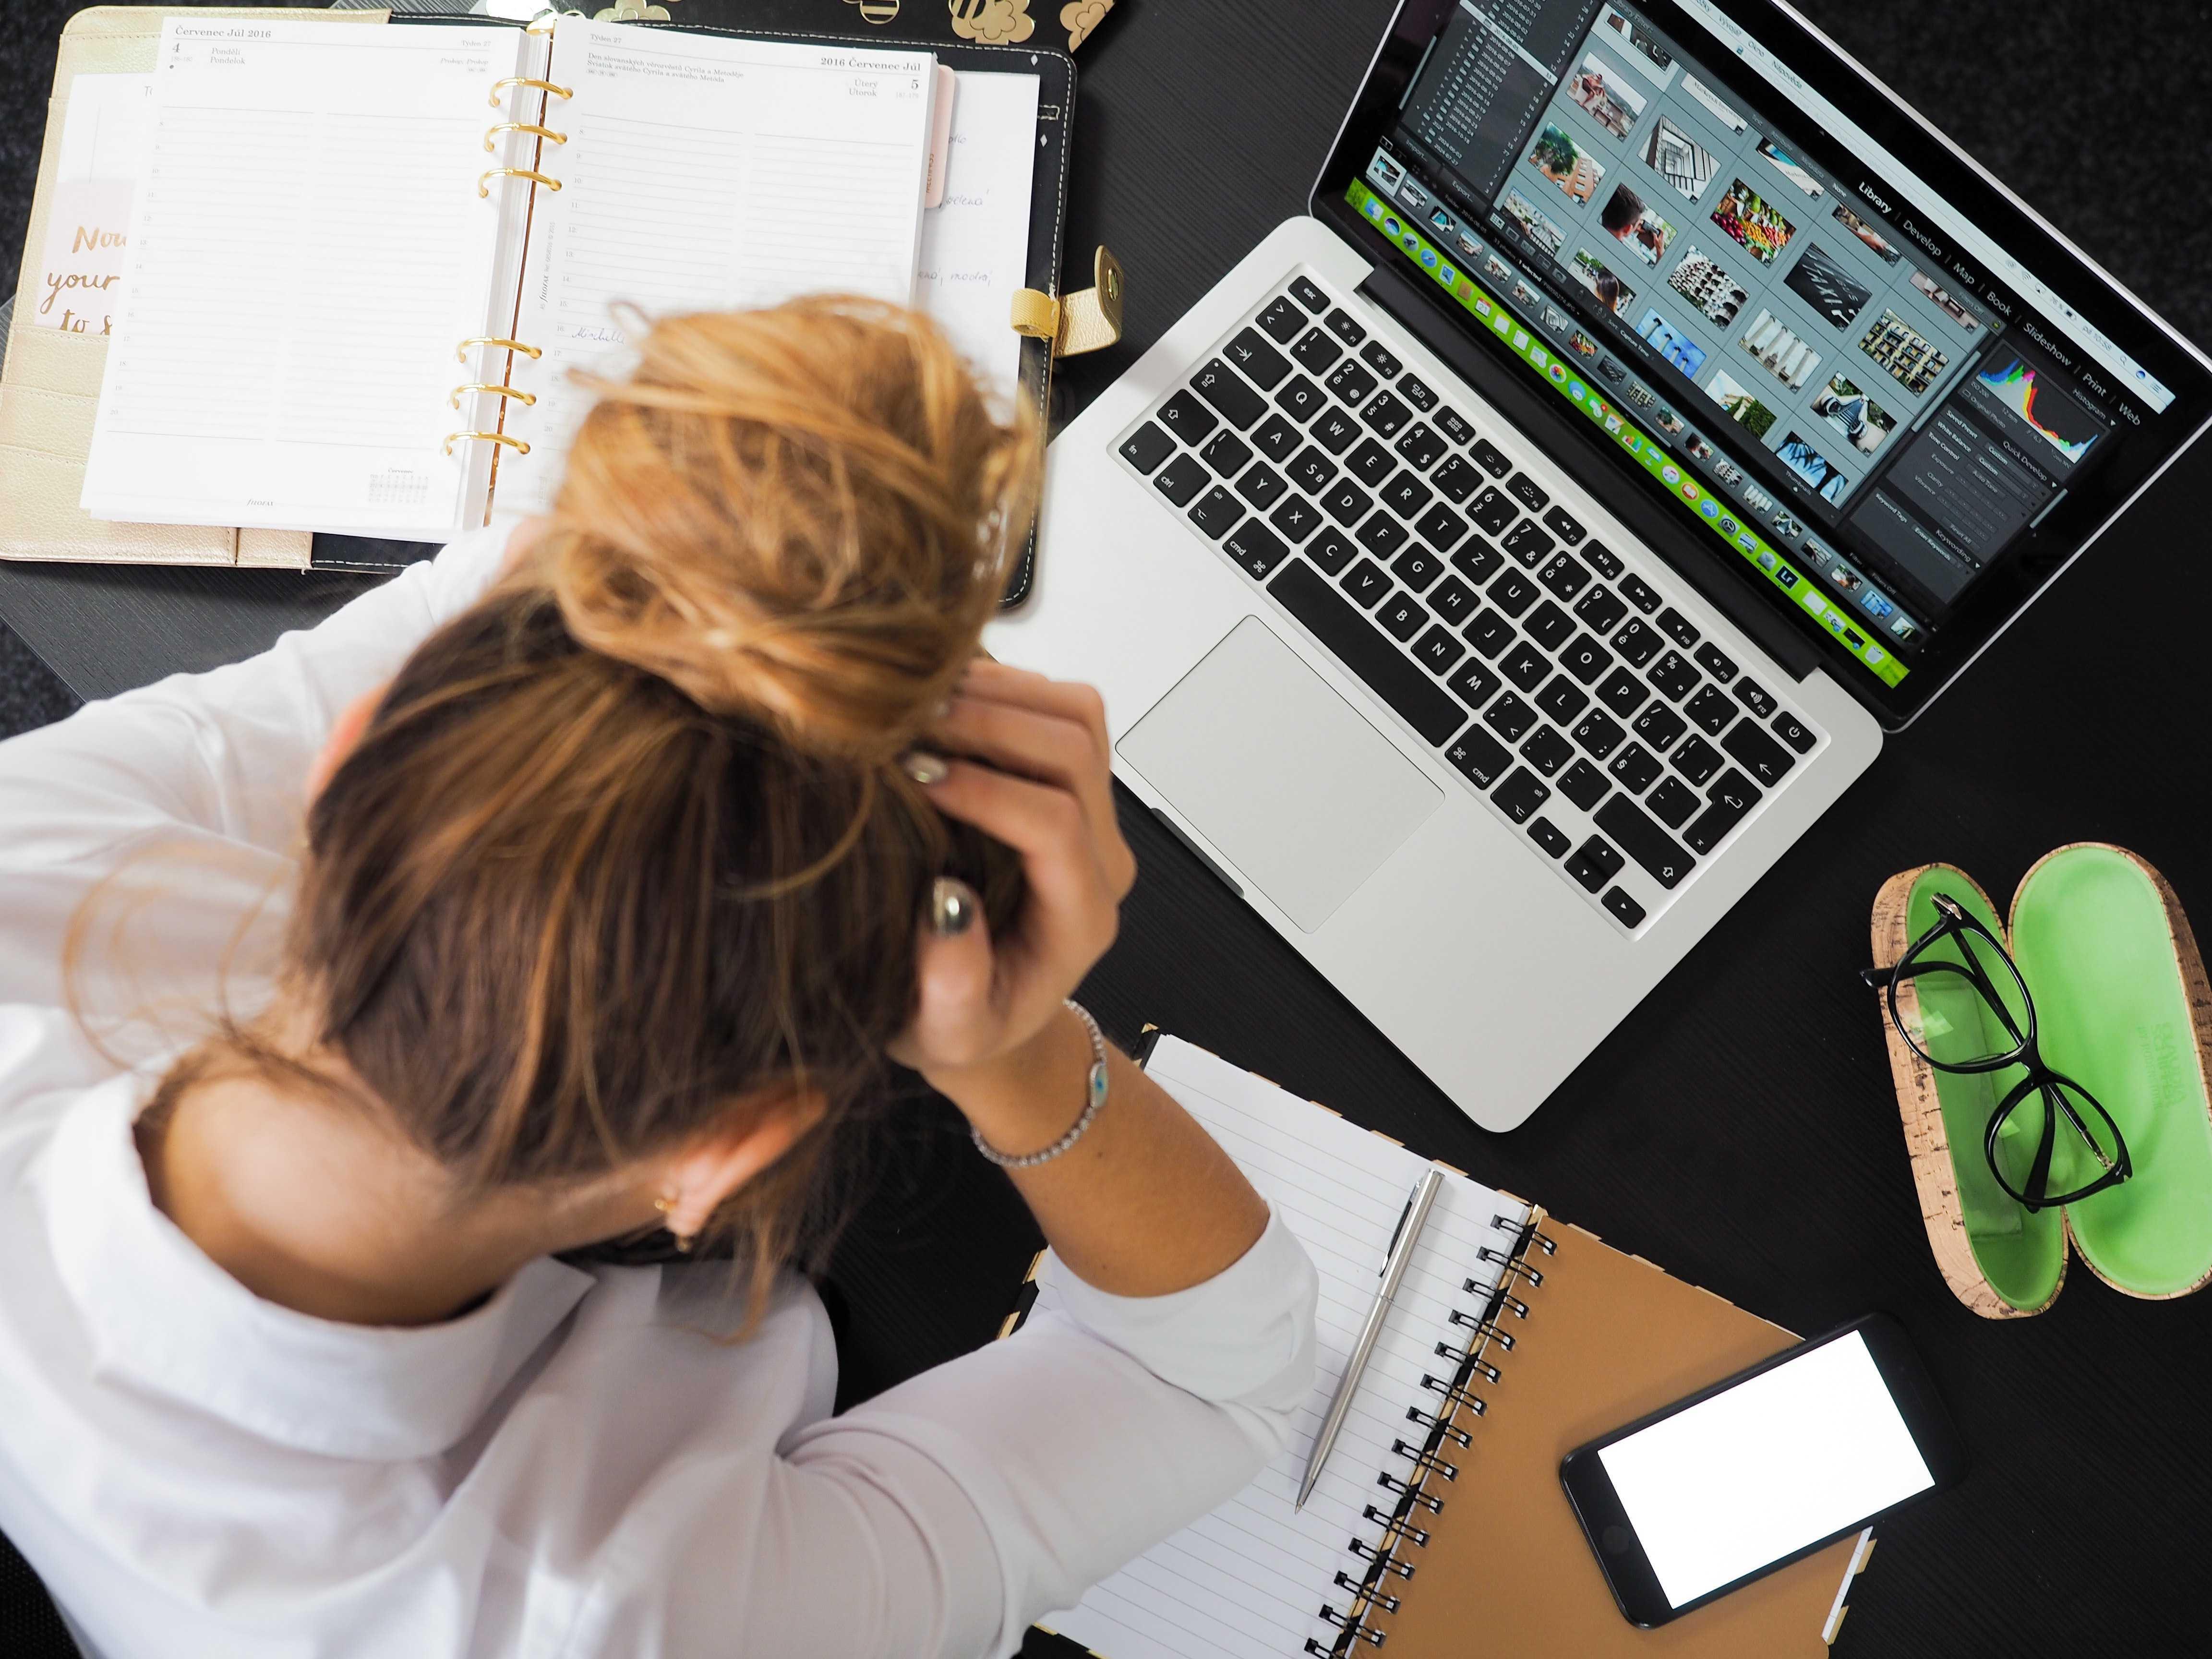 Digital nomad struggling with travel plans